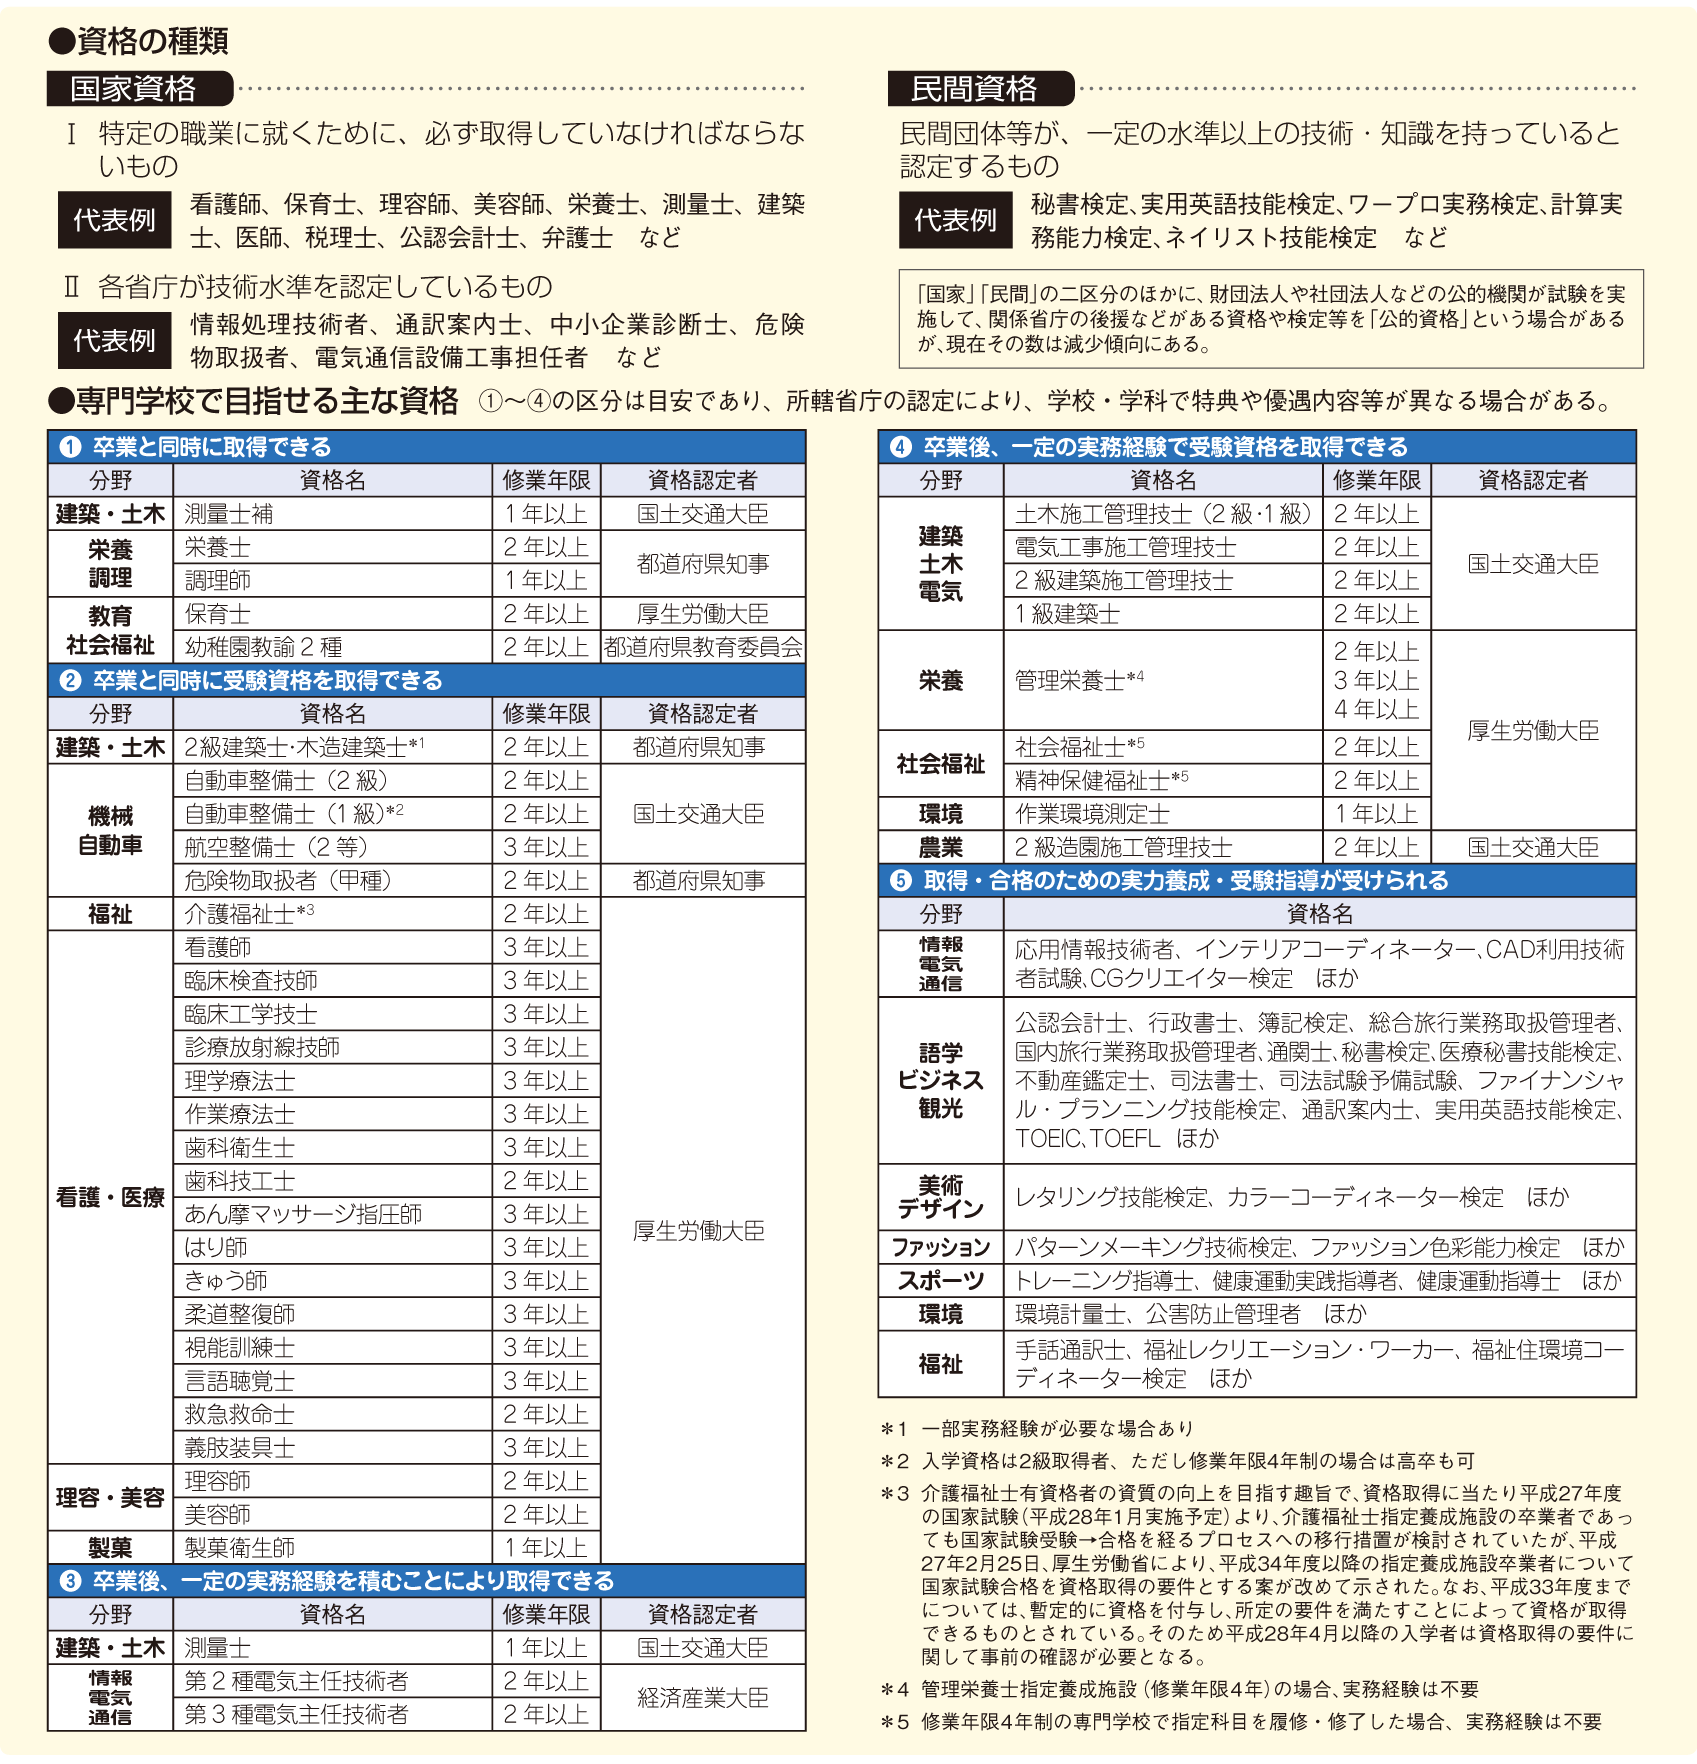 ジャーナル_p18-19-2